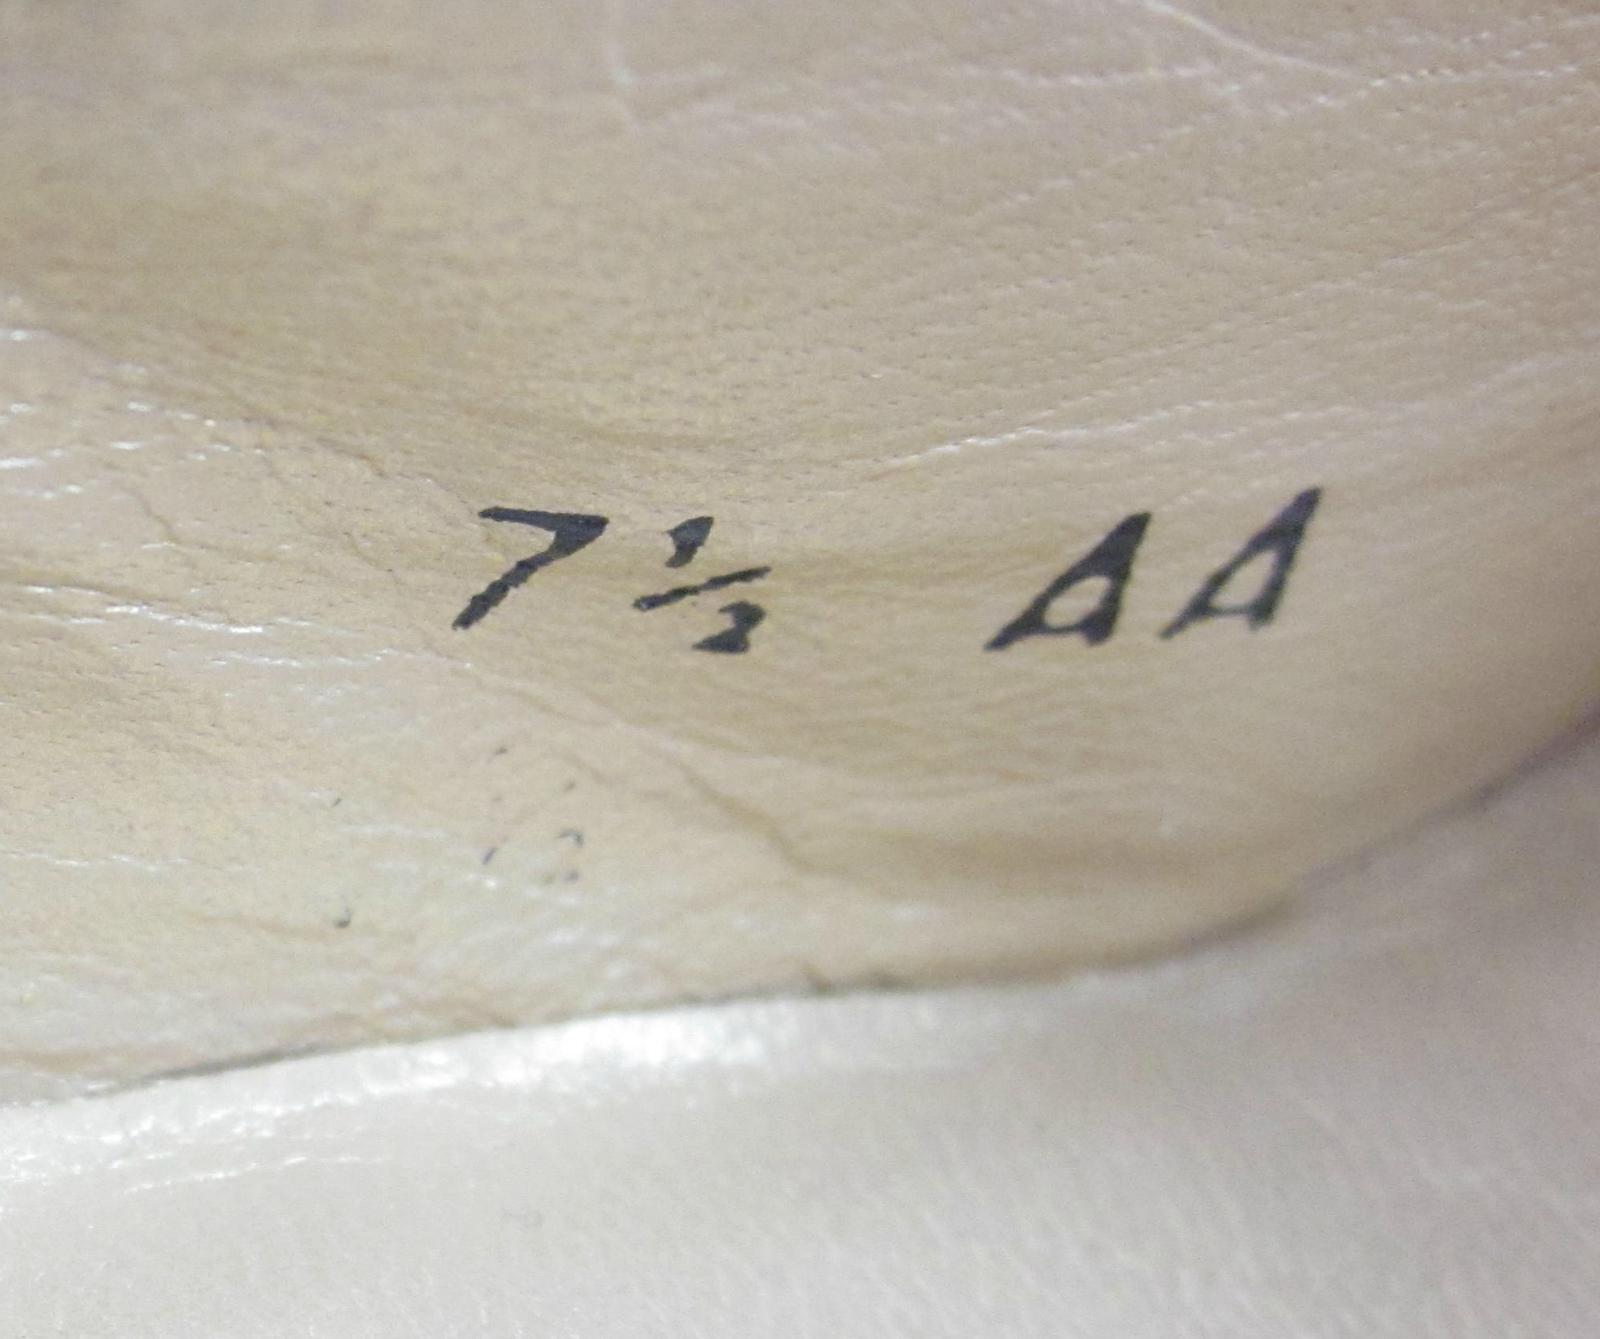 Stuart Weitzman Dress Pumps Oatmeal Shimmer Sz Sz Sz 7.5AA Narrow 6cc443